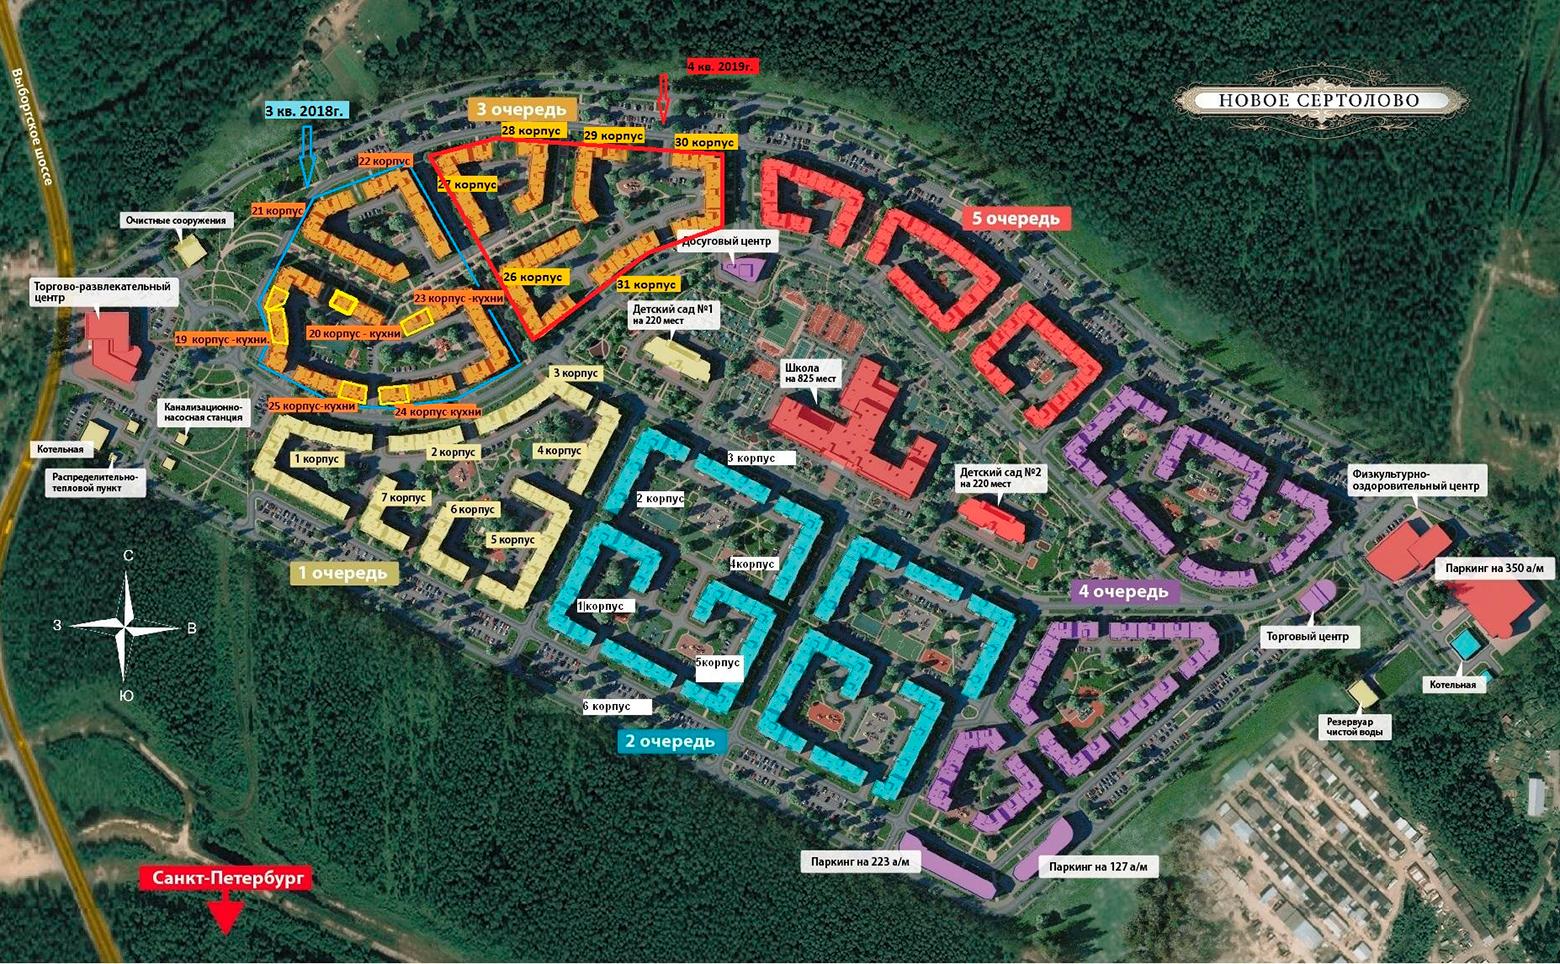 План жилого комплекса ЖК Новое Сертолово